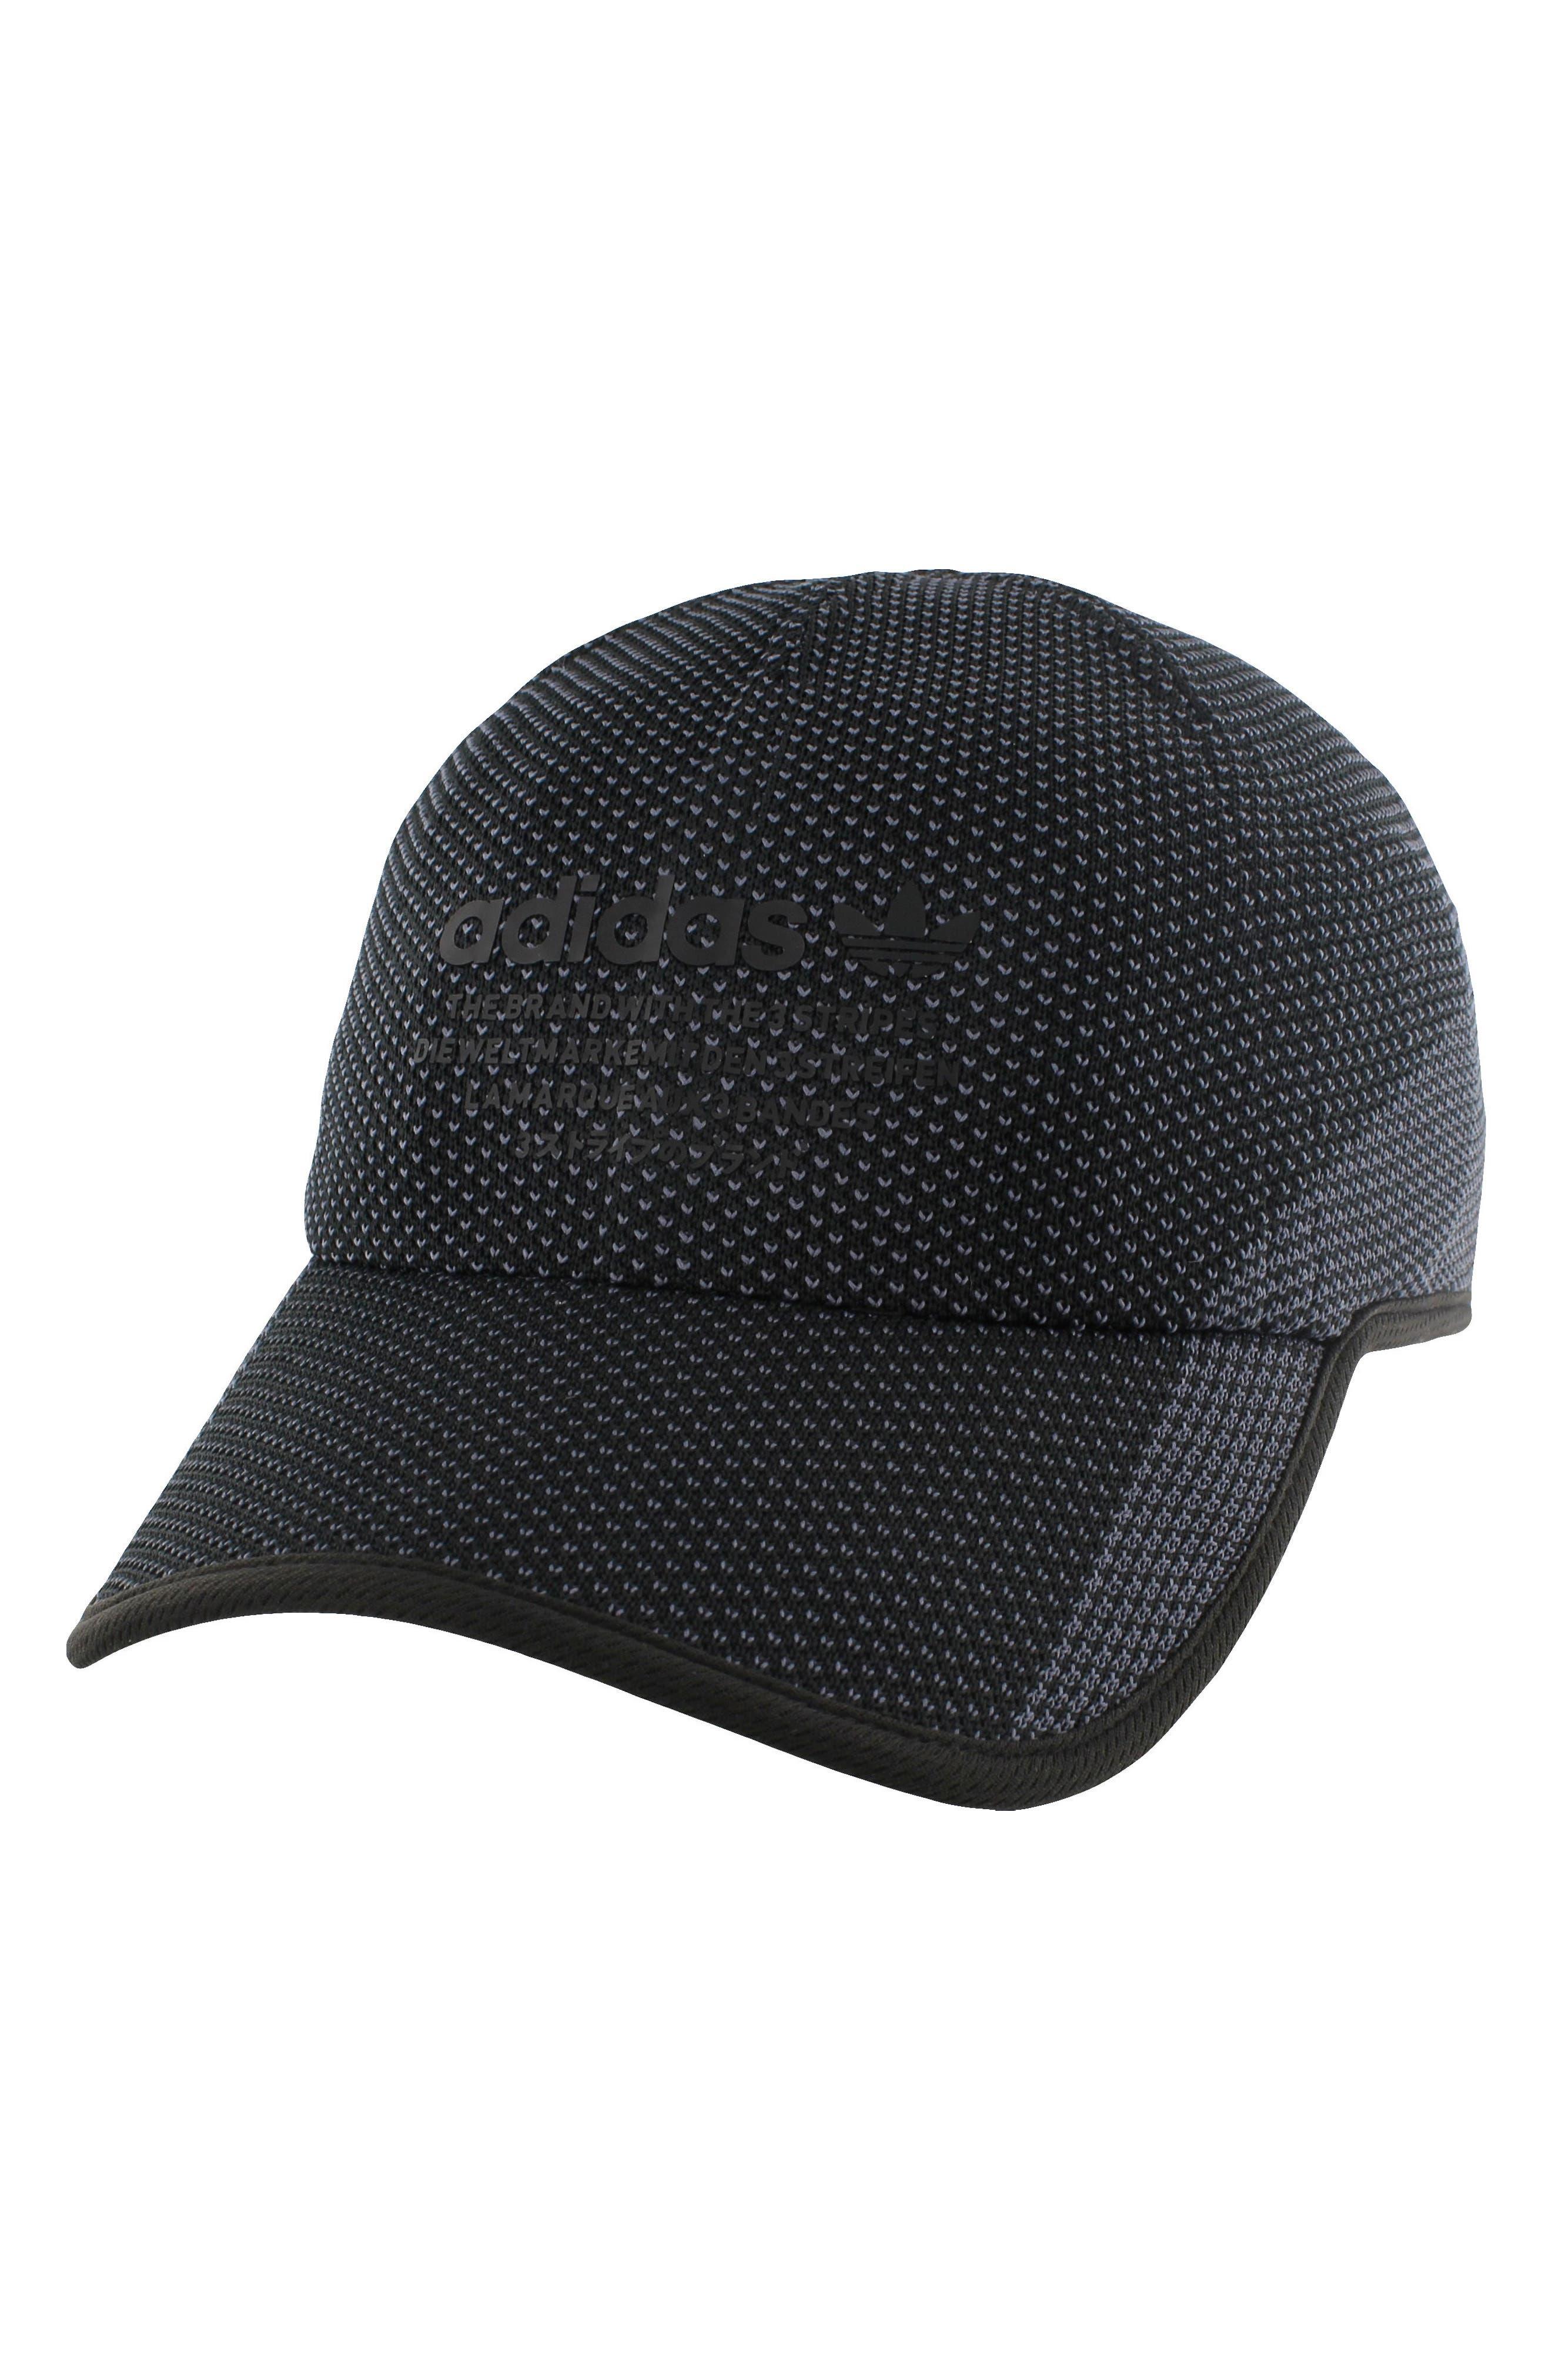 adidas Originals NMD Prime Ball Cap